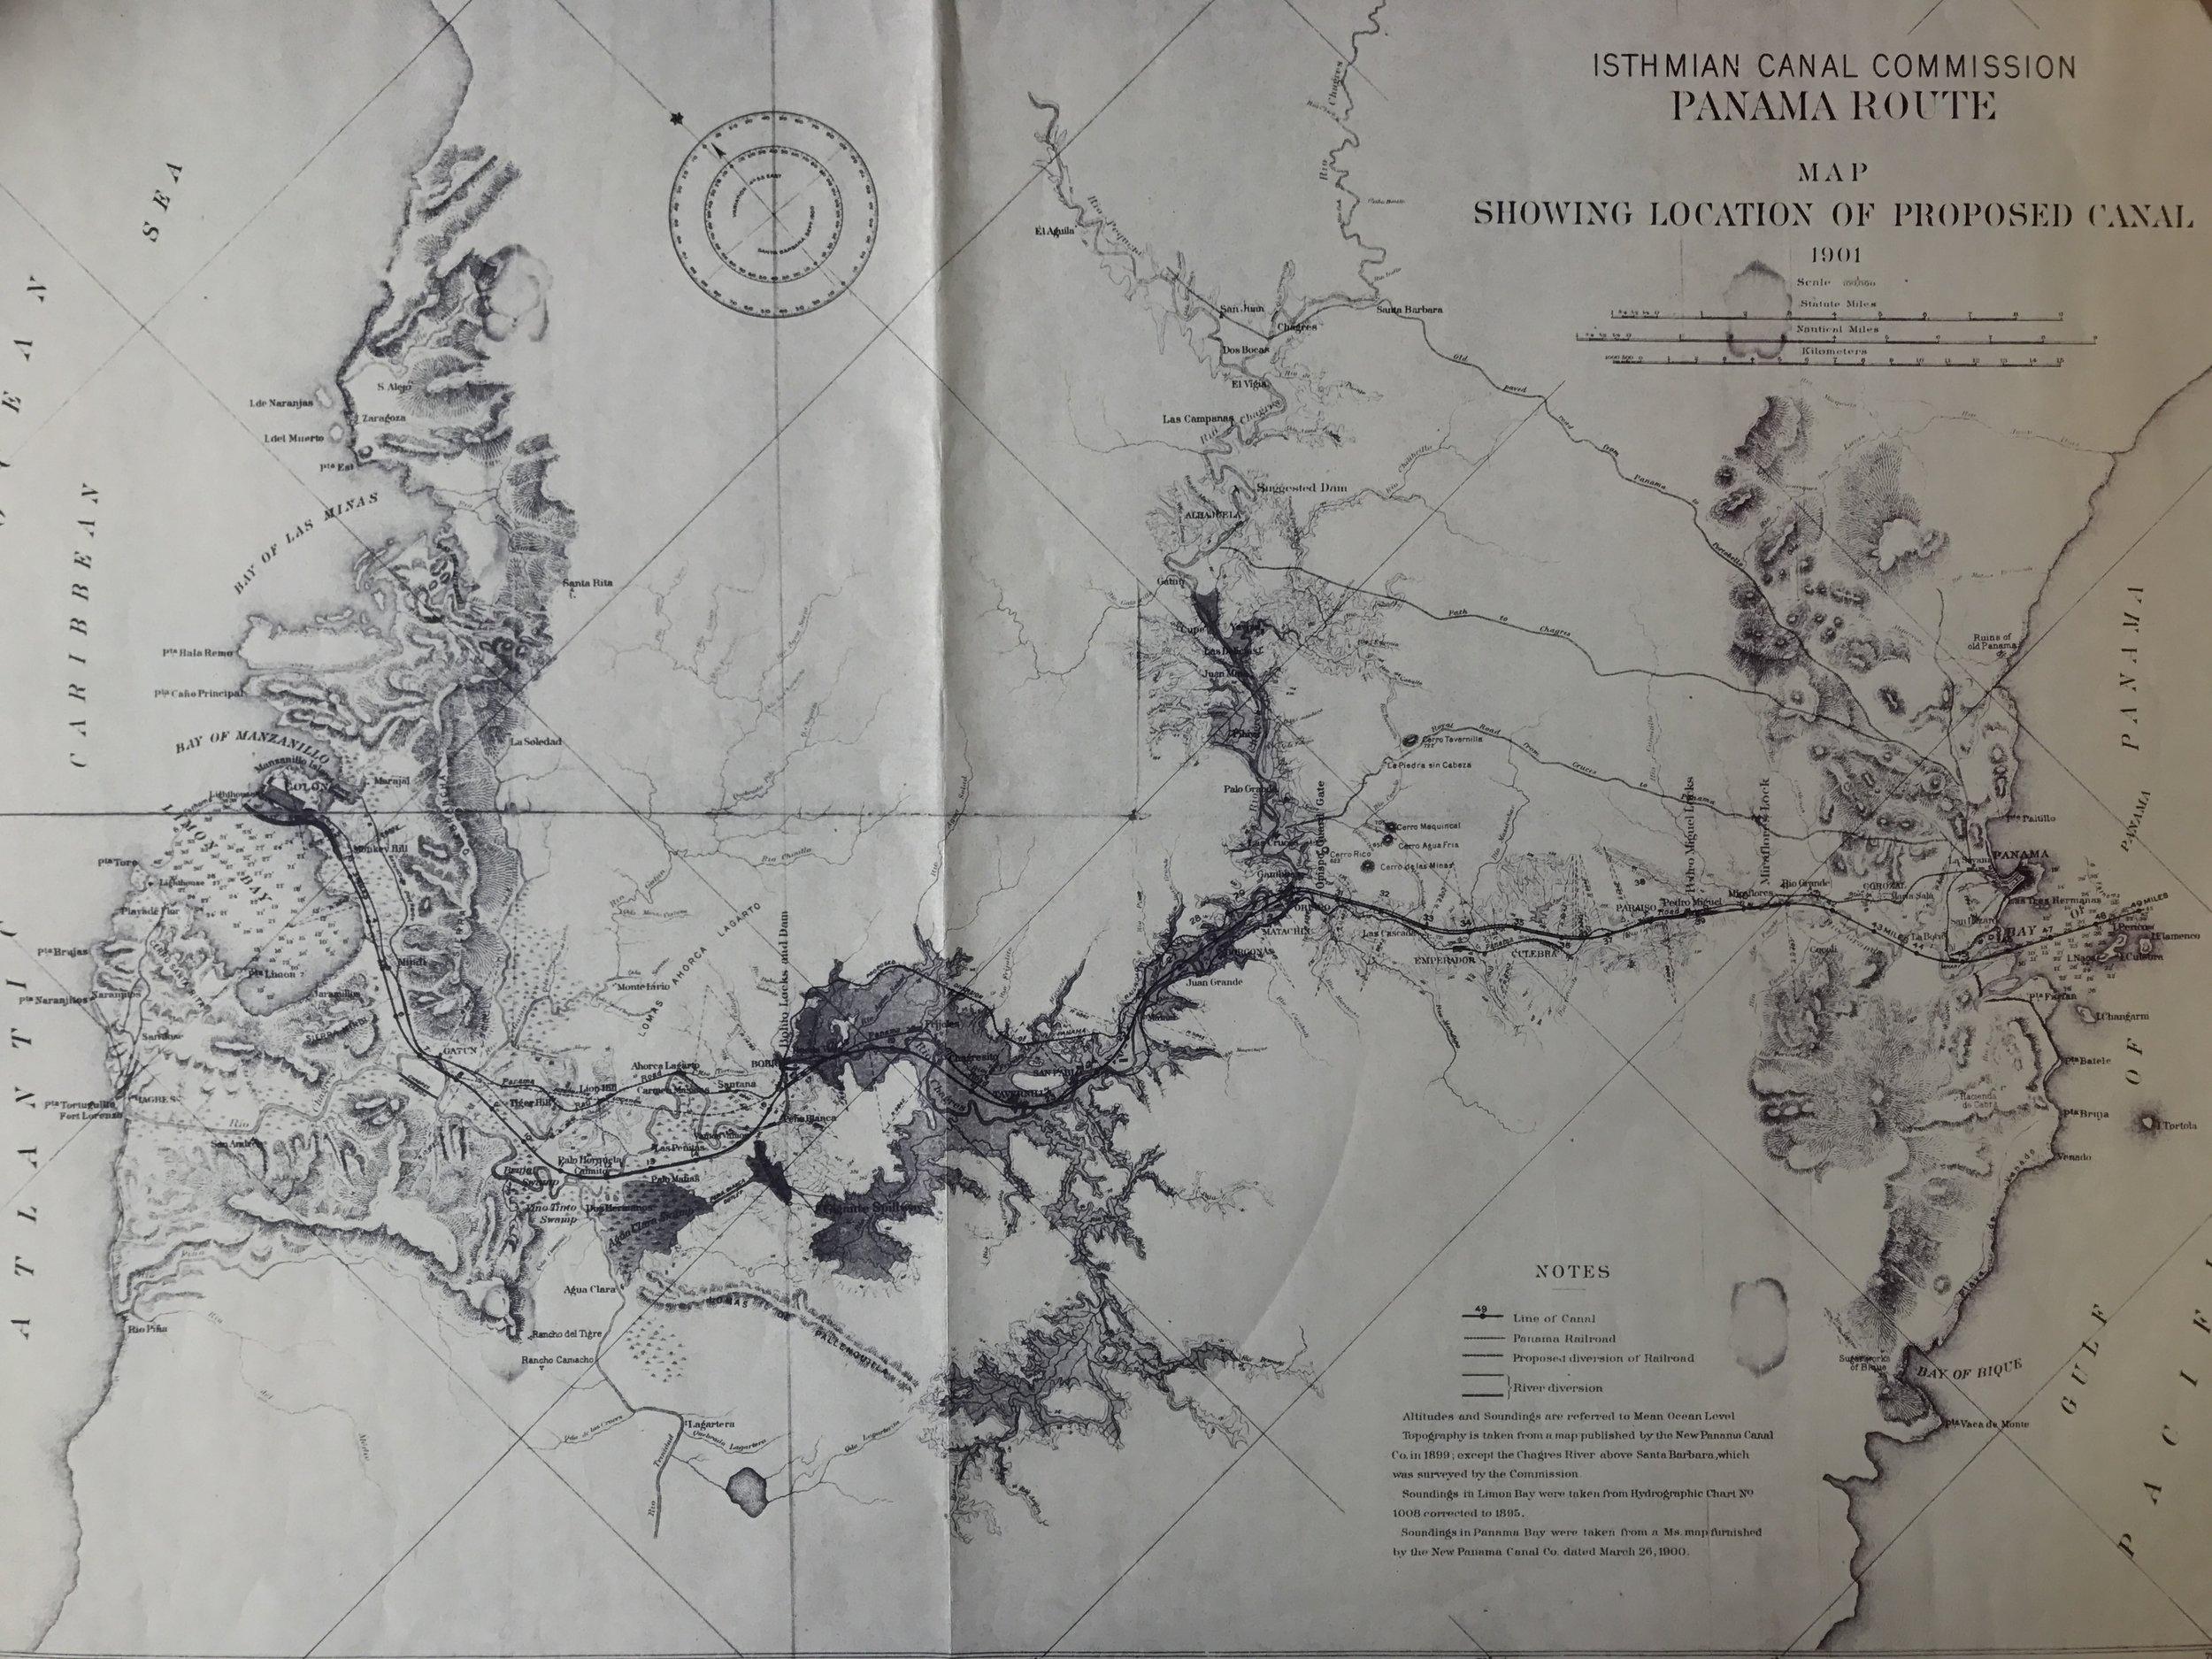 Mapa cortesía de la Biblioteca del Canal de Panamá